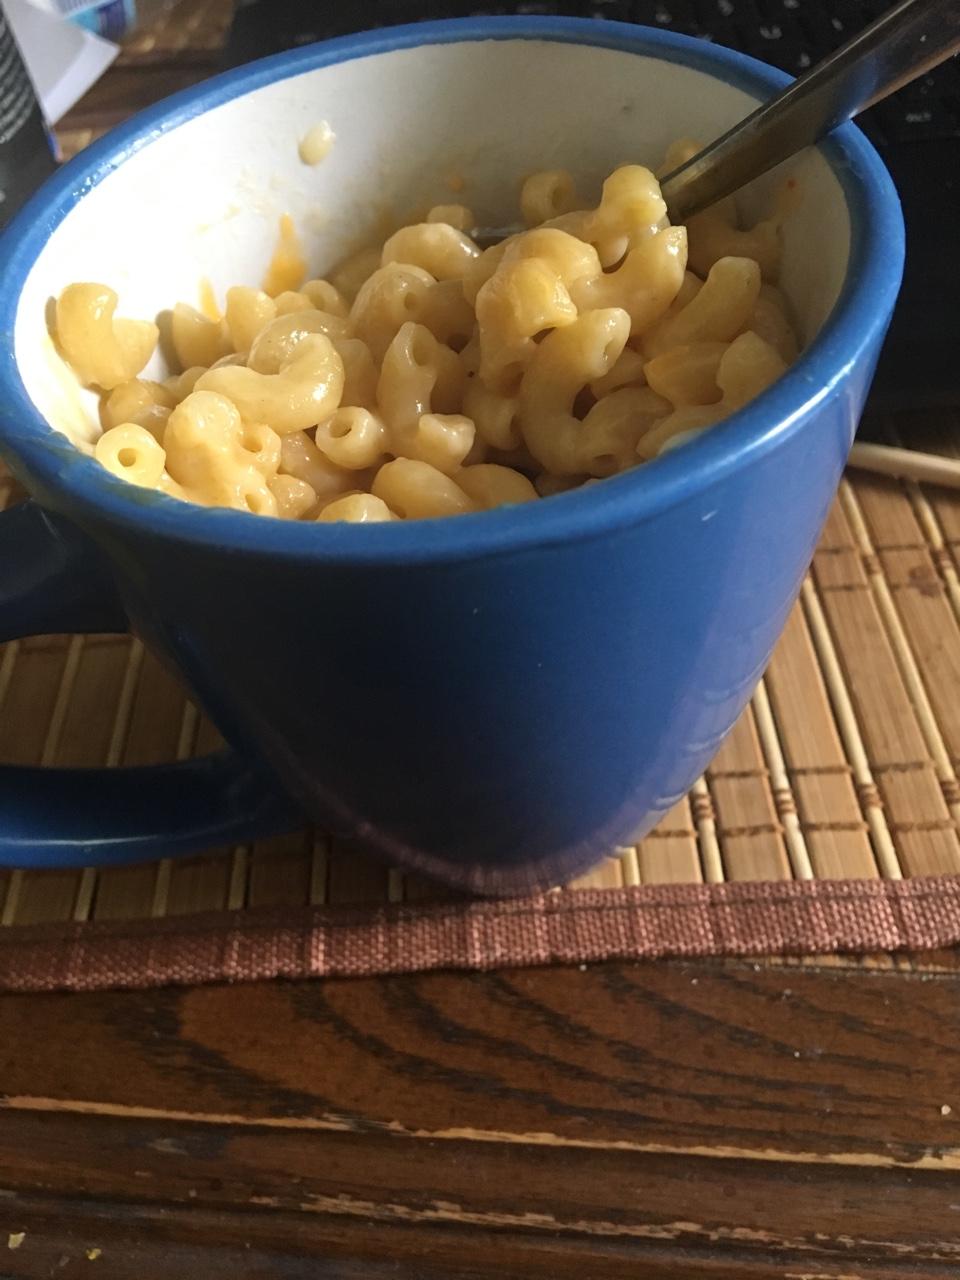 microwave 5 minute mac n cheese recipe by tasty